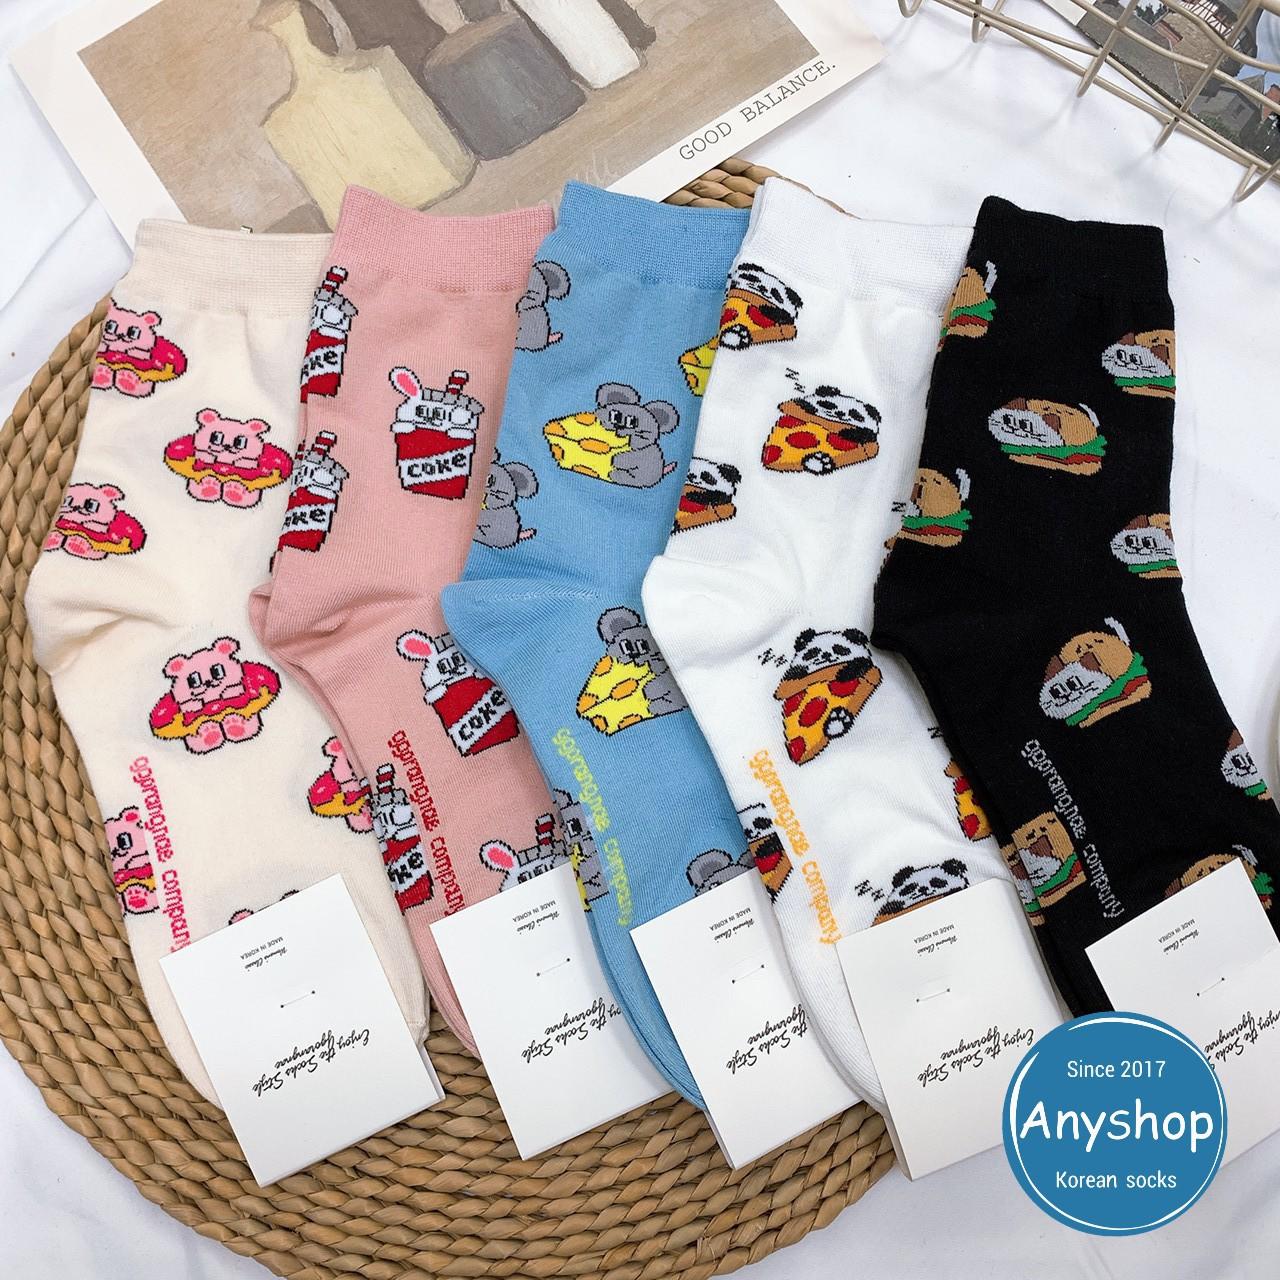 韓國襪-[Anyshop]想變胖的動物中筒襪